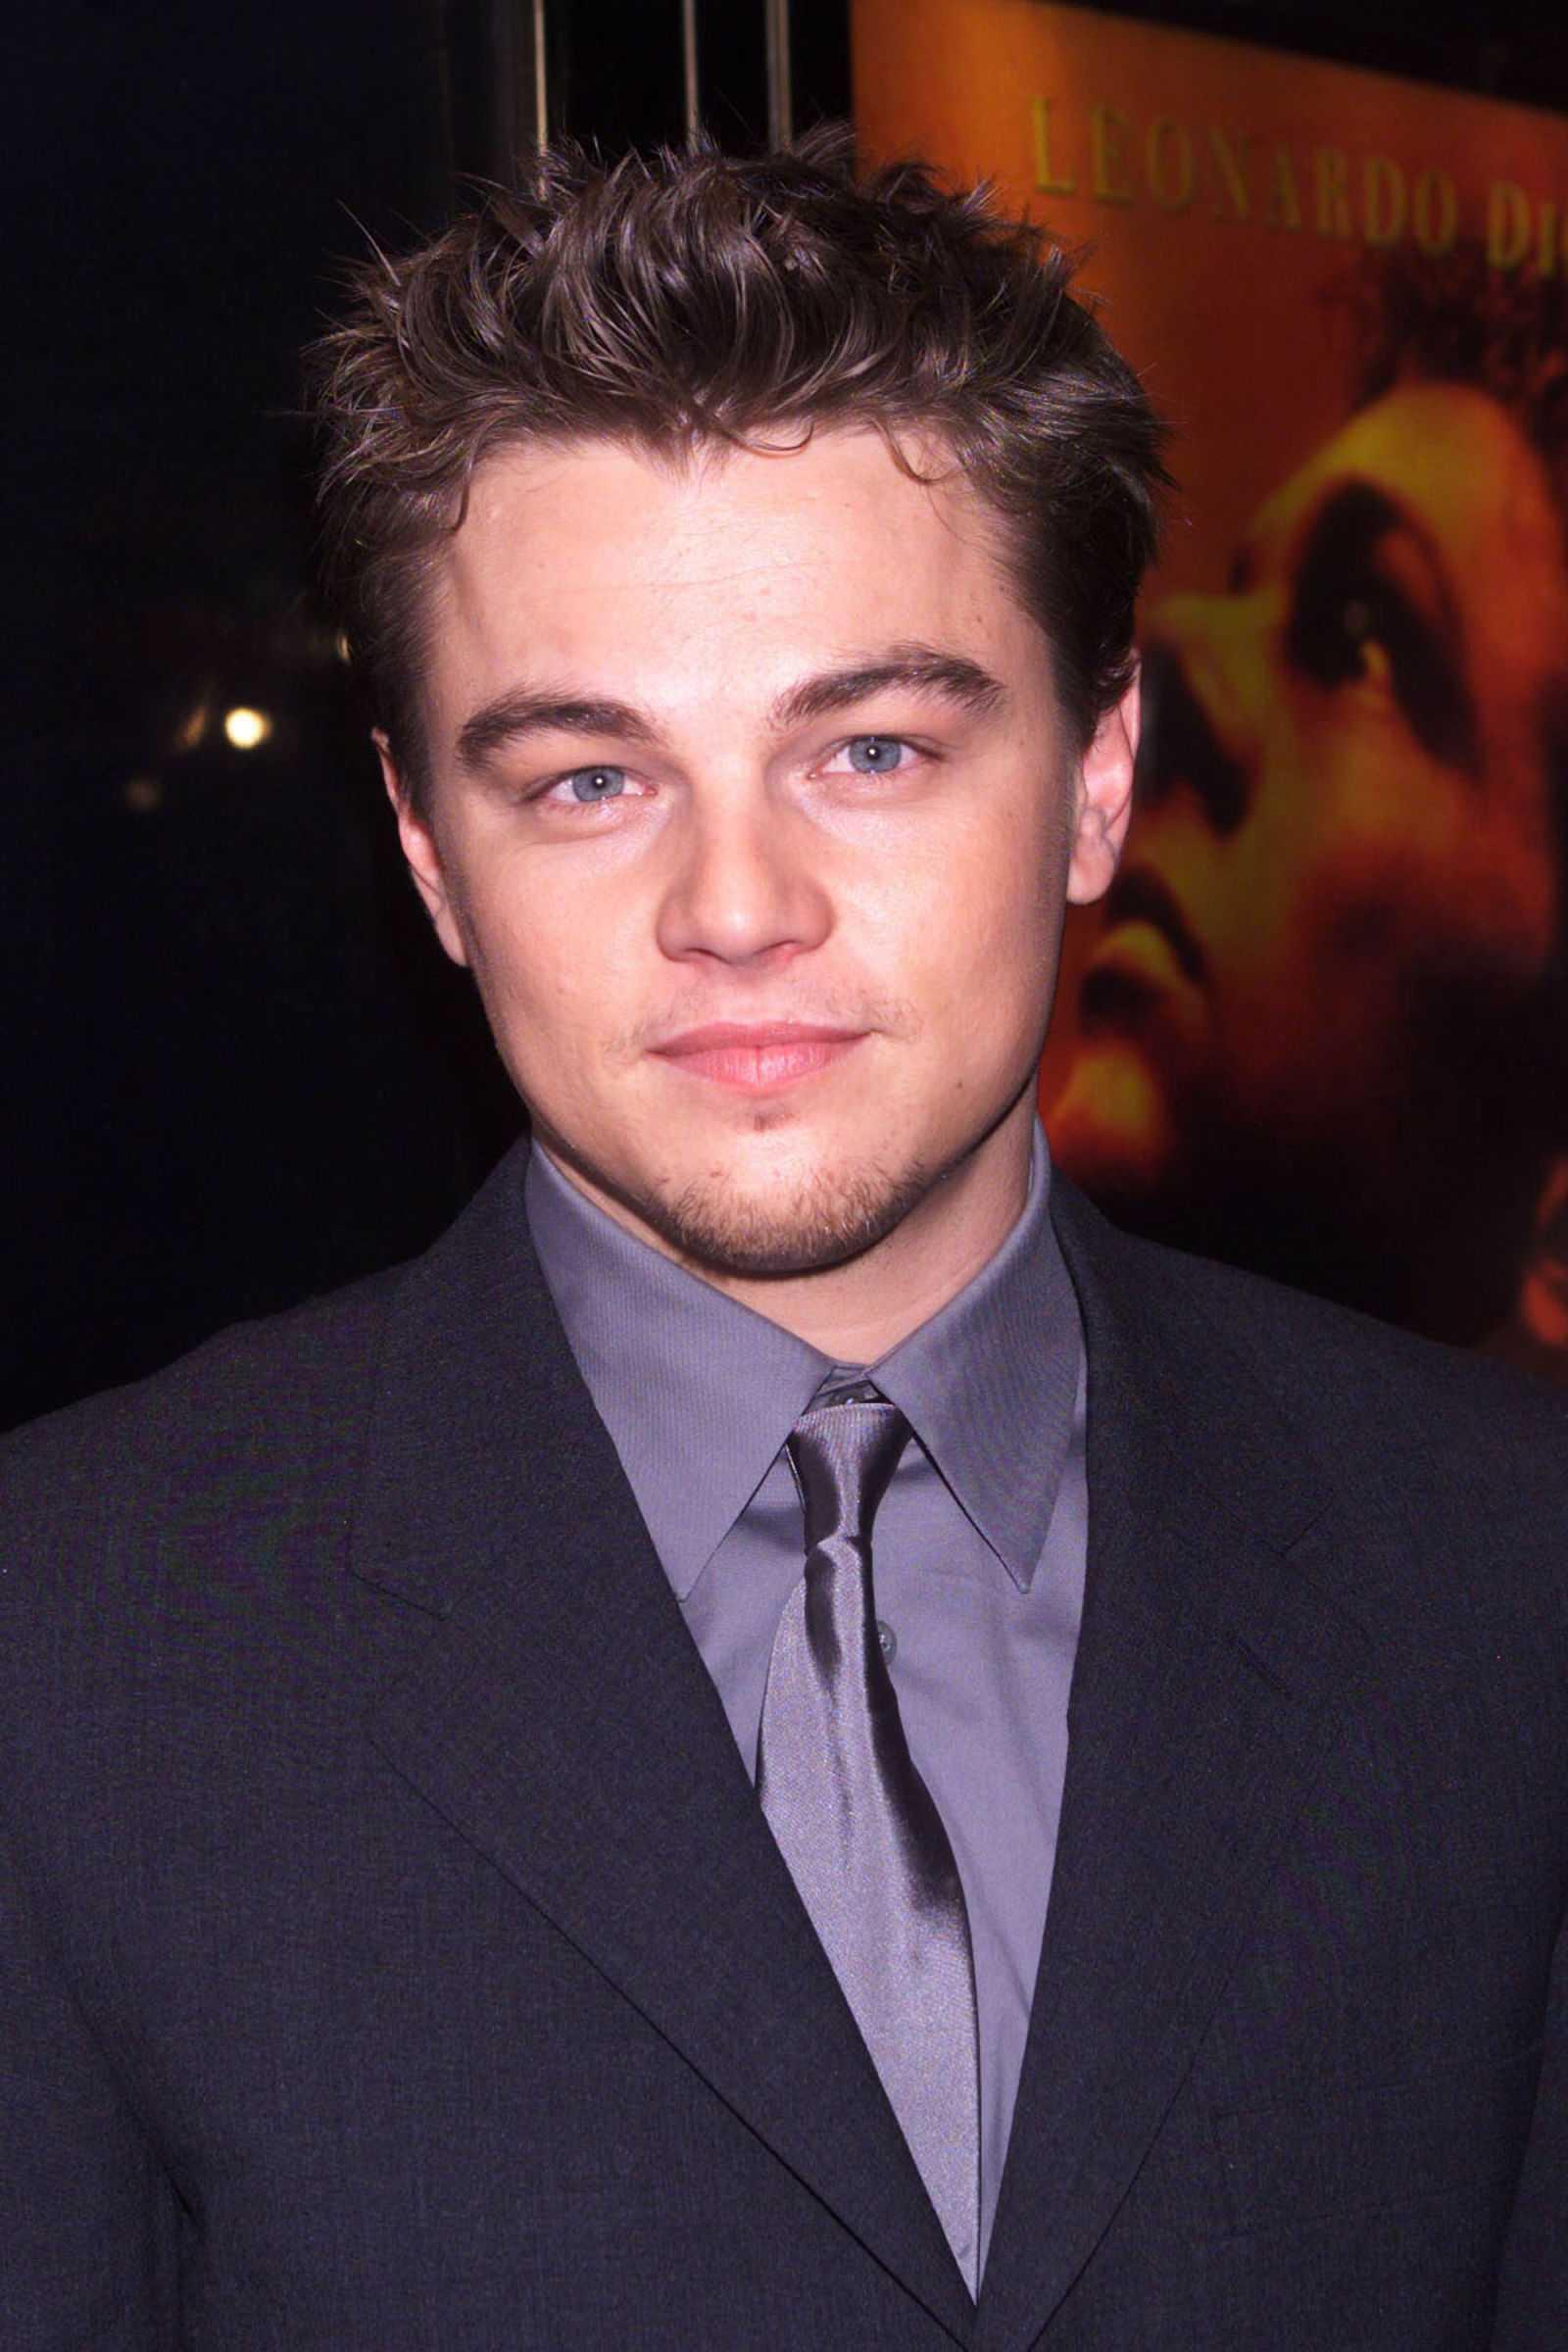 peinados de las celebridades Leonardo DiCaprio 2000